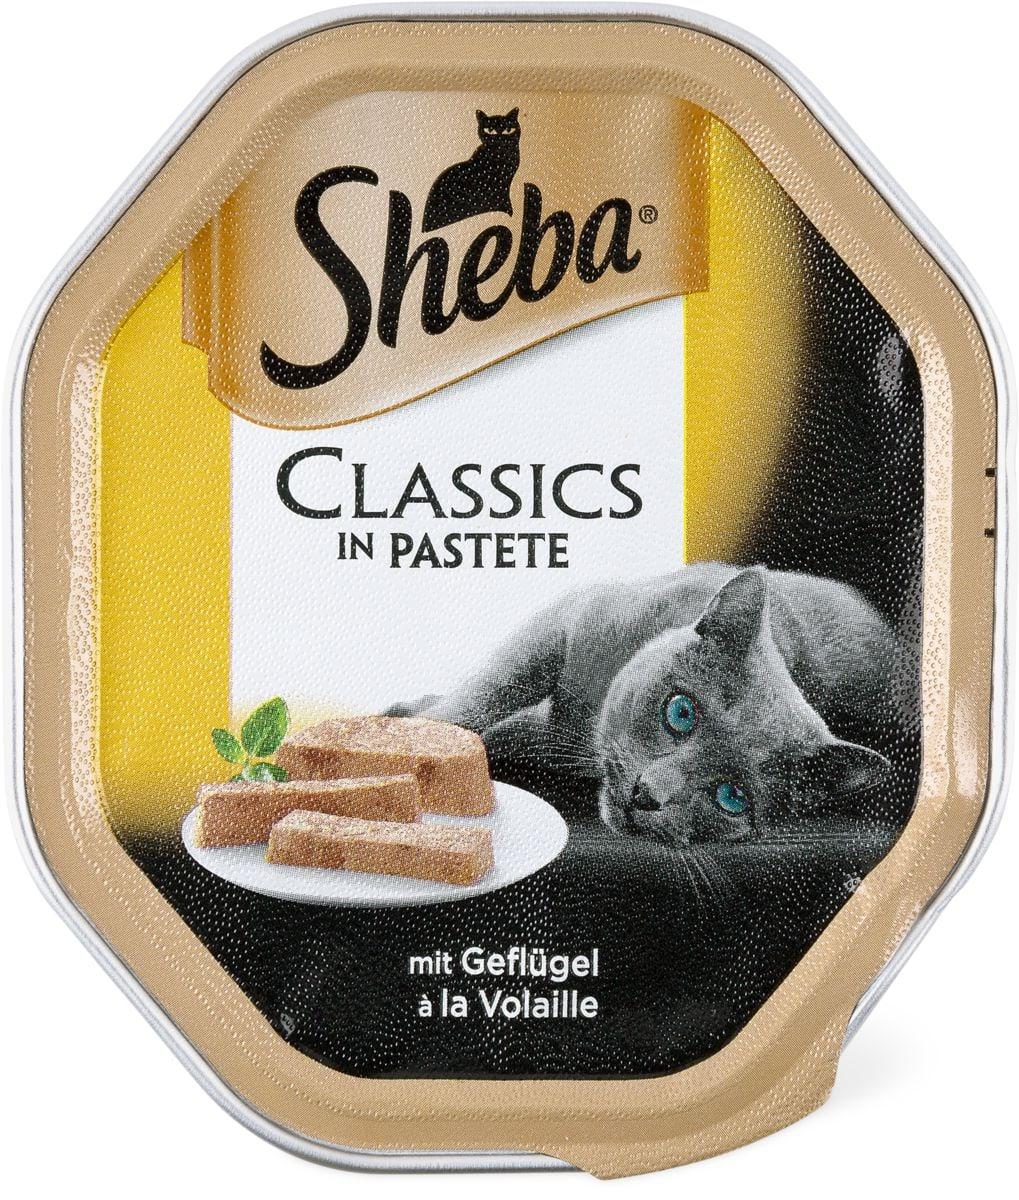 Classic in Pastete mit Geflügel